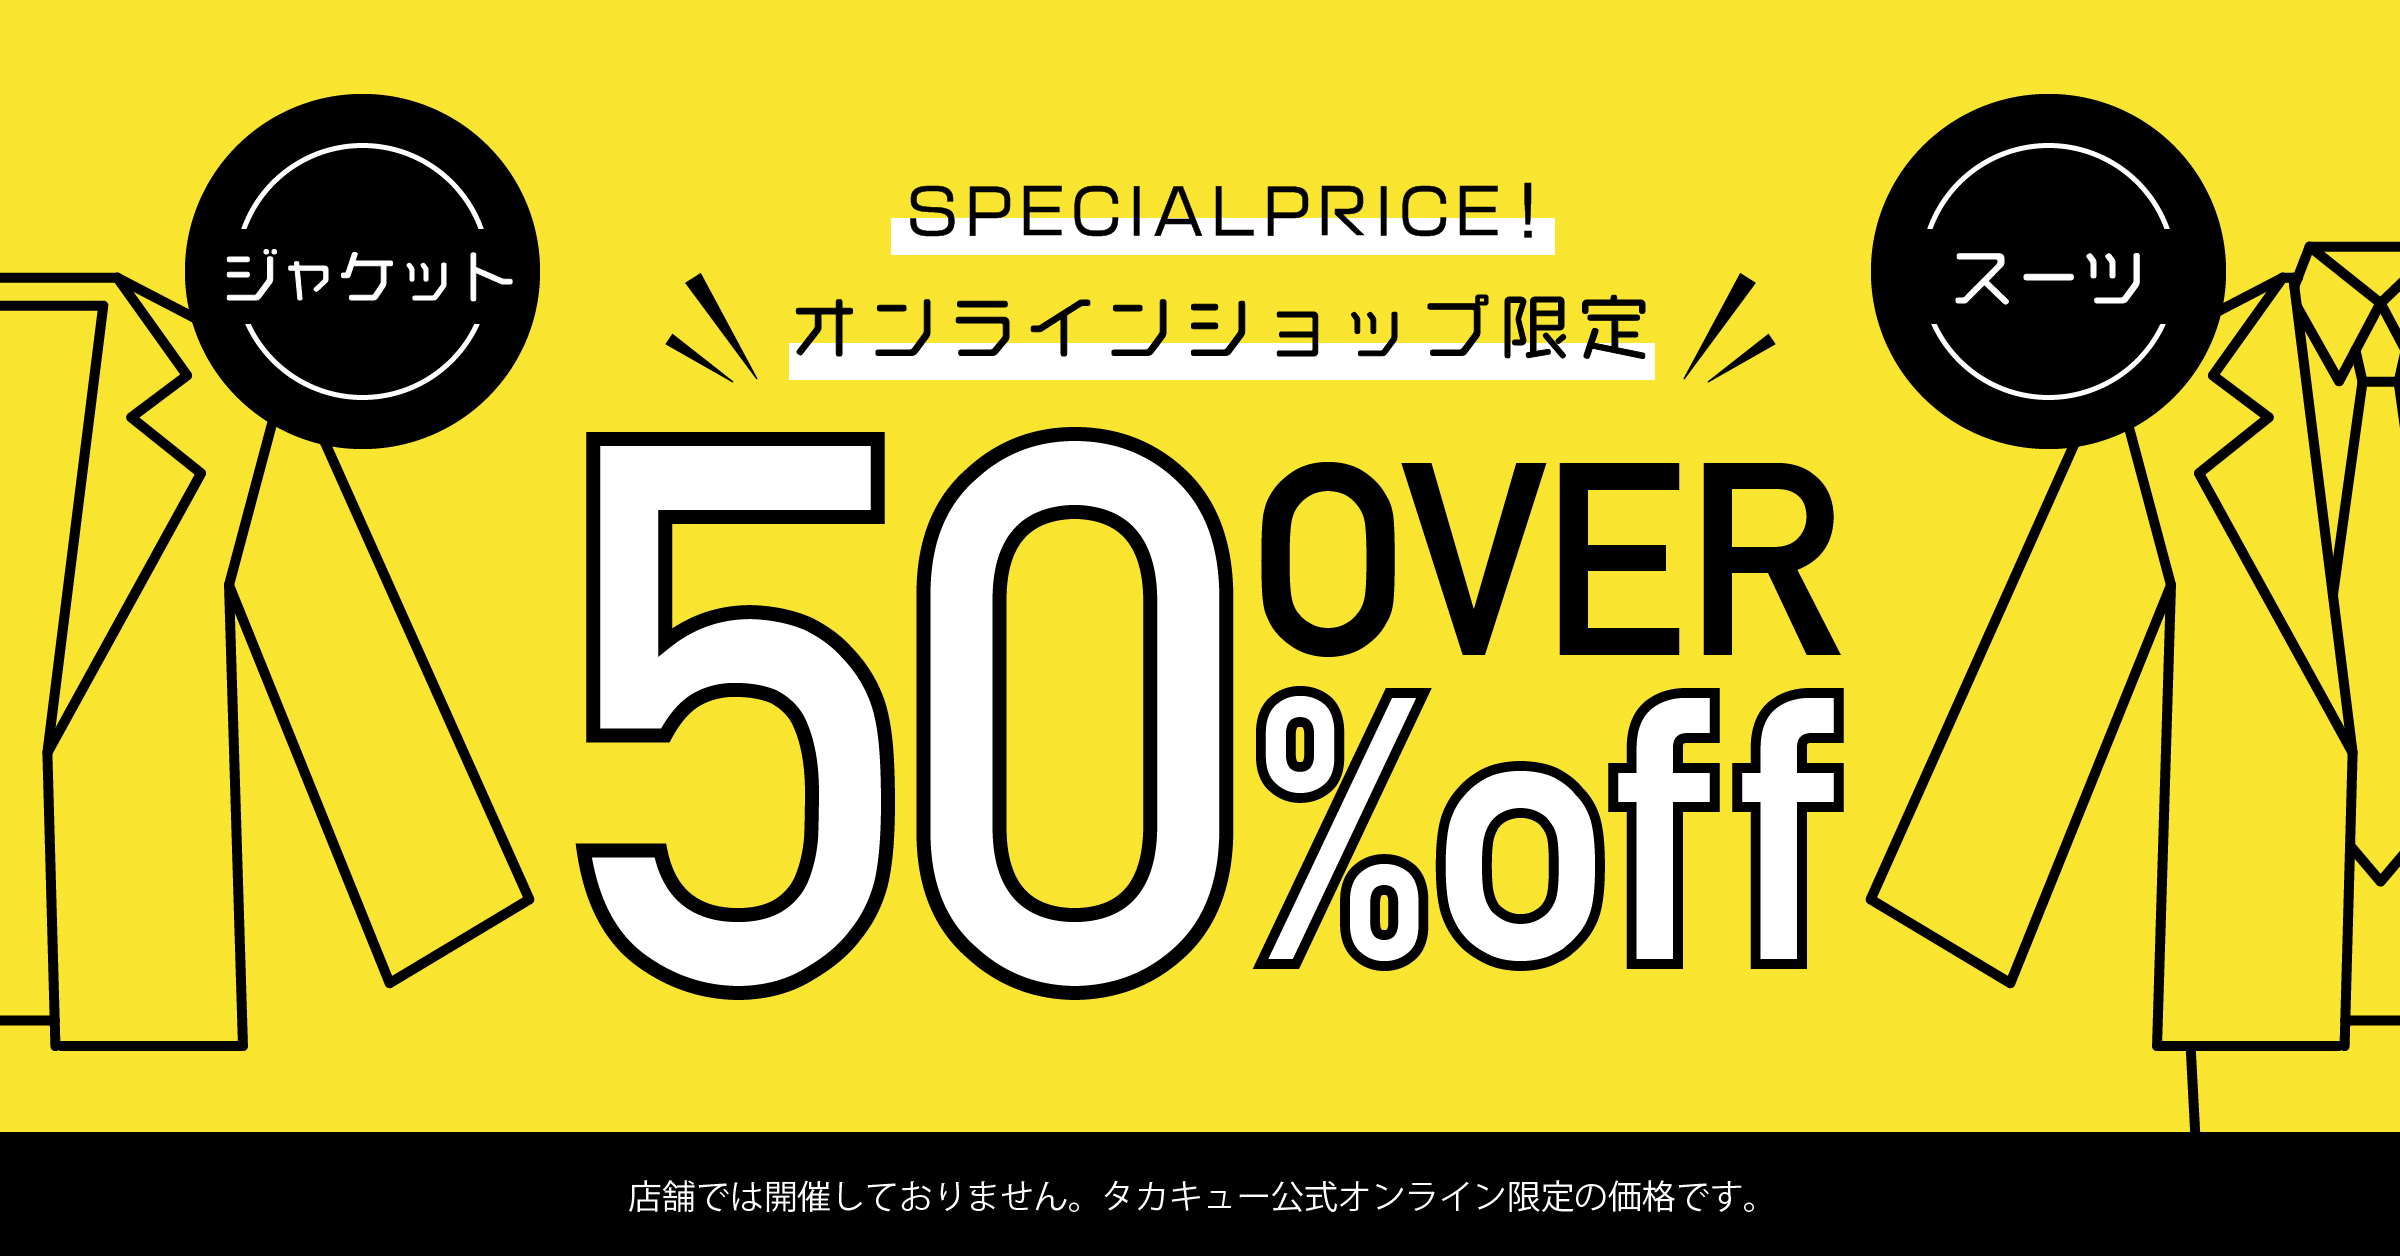 スーツ・ジャケット50%OFFOVER